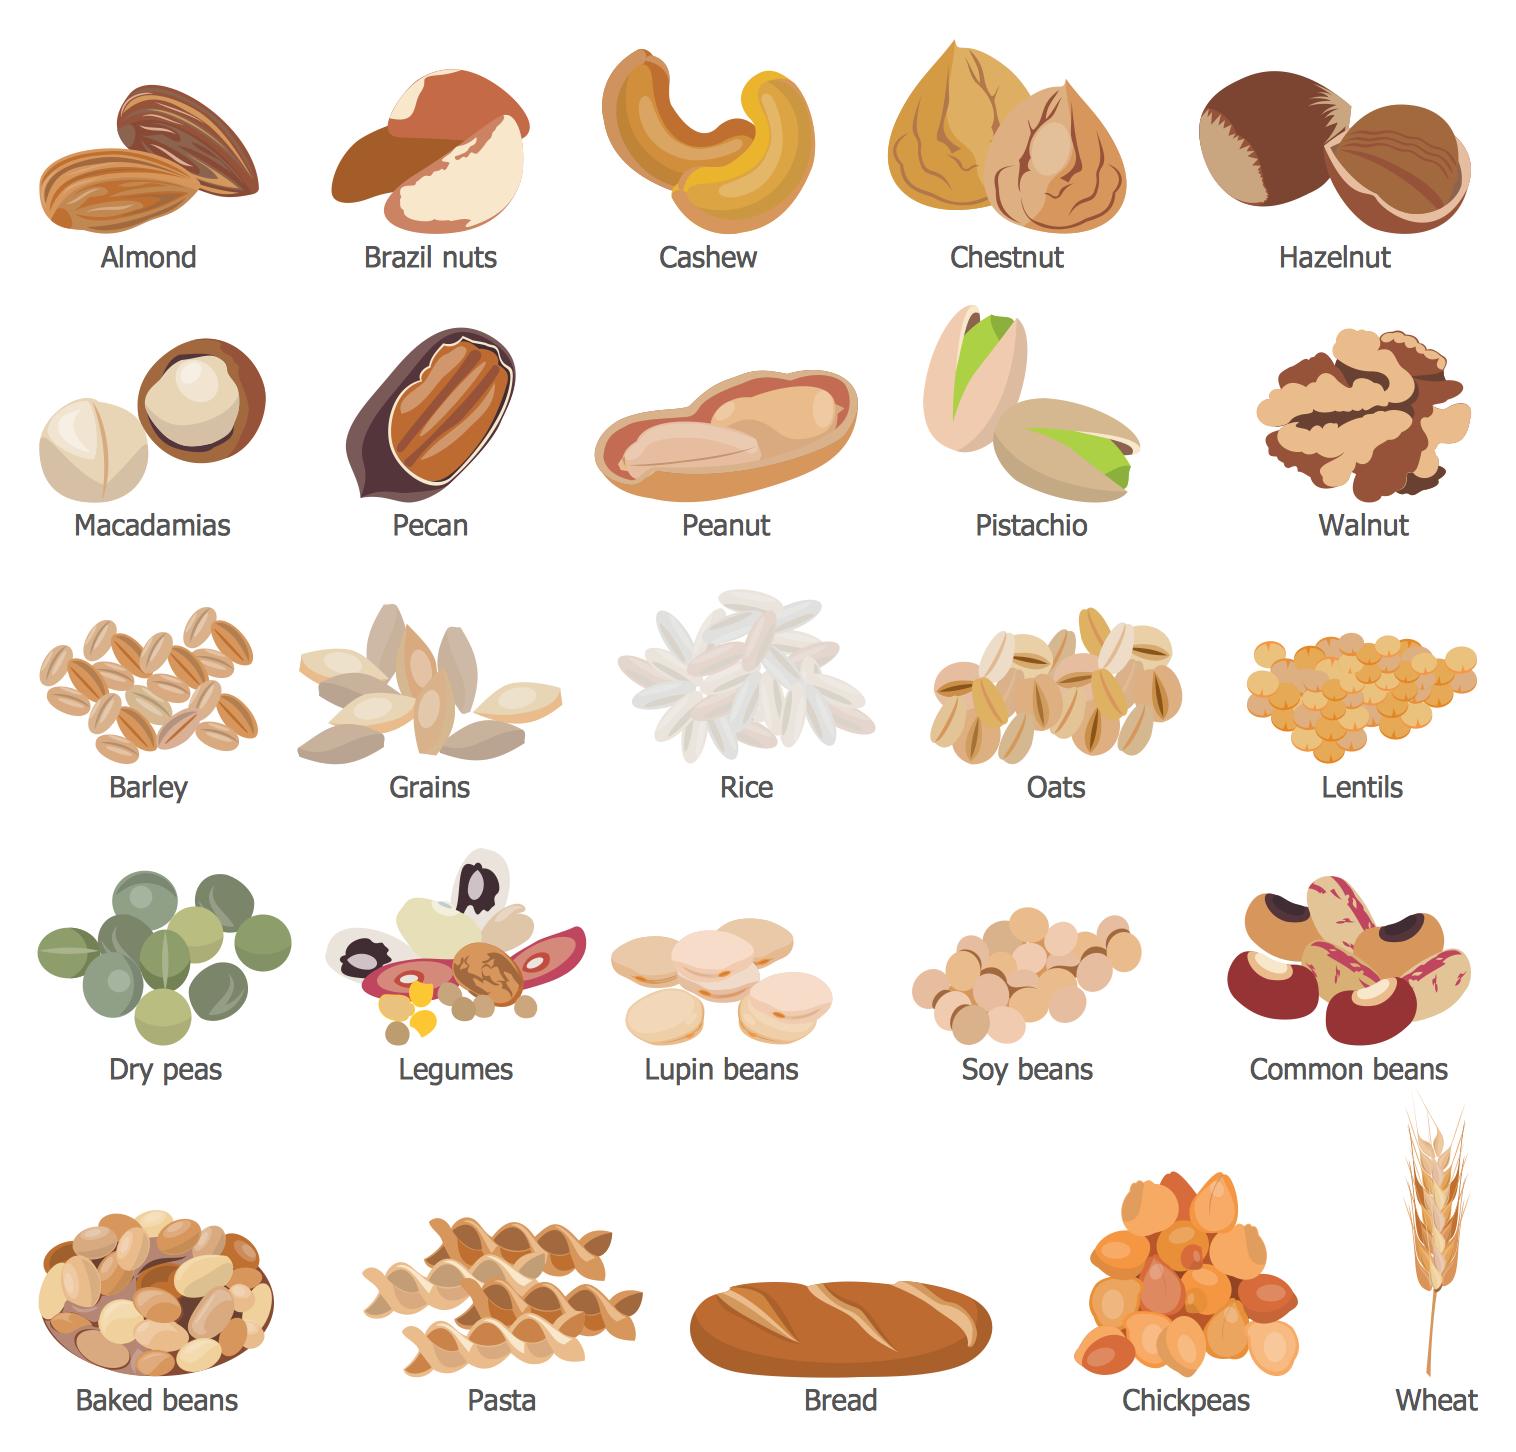 Design Elements Grains Beans Legumes Nuts